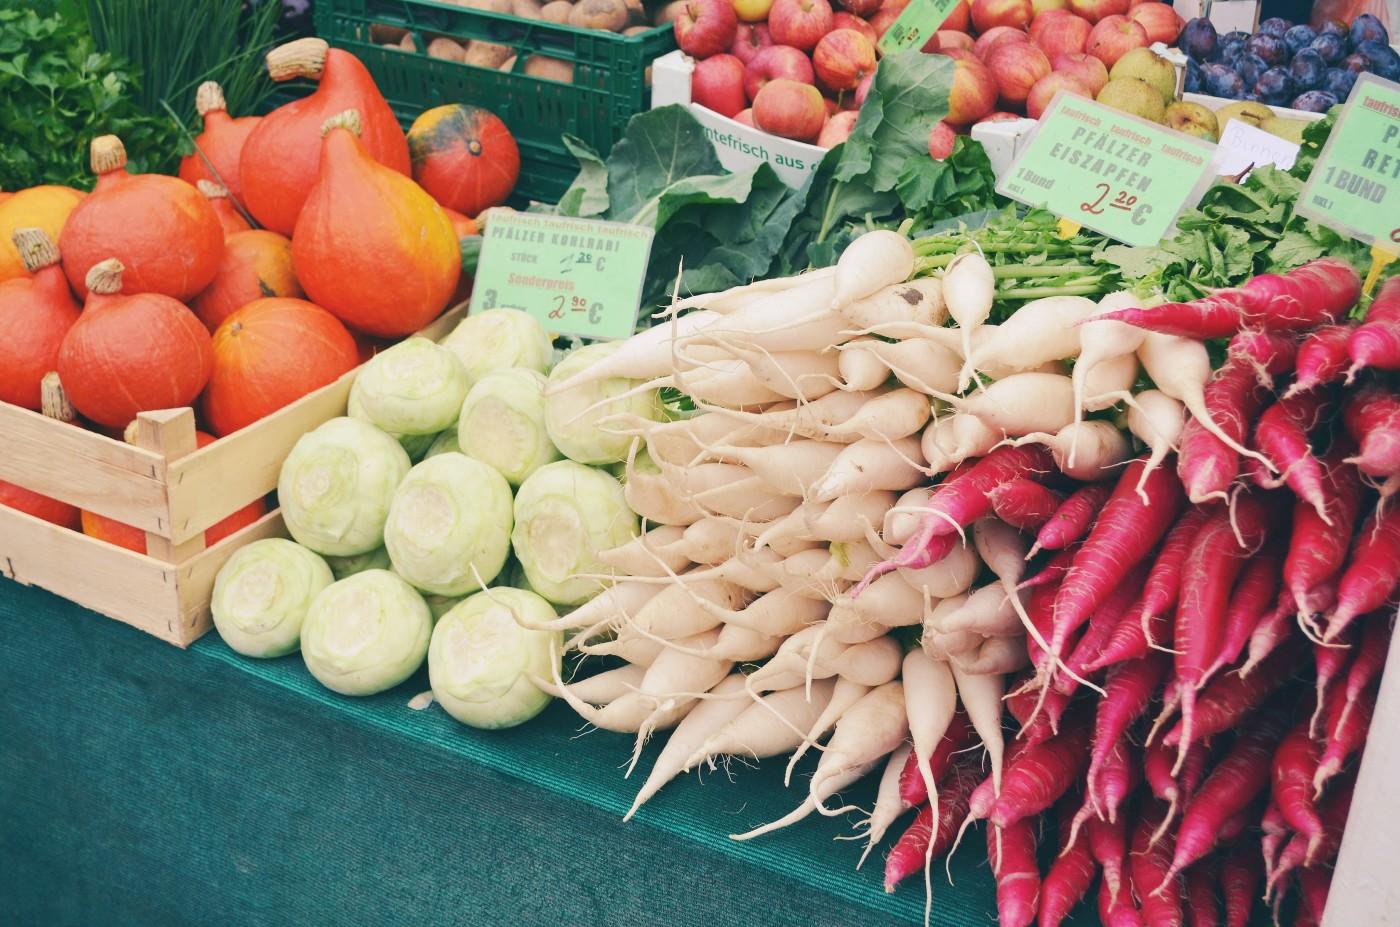 Der Mainzer Wochenmarkt ist eine Lieblingslocation von Carina von Foodistas